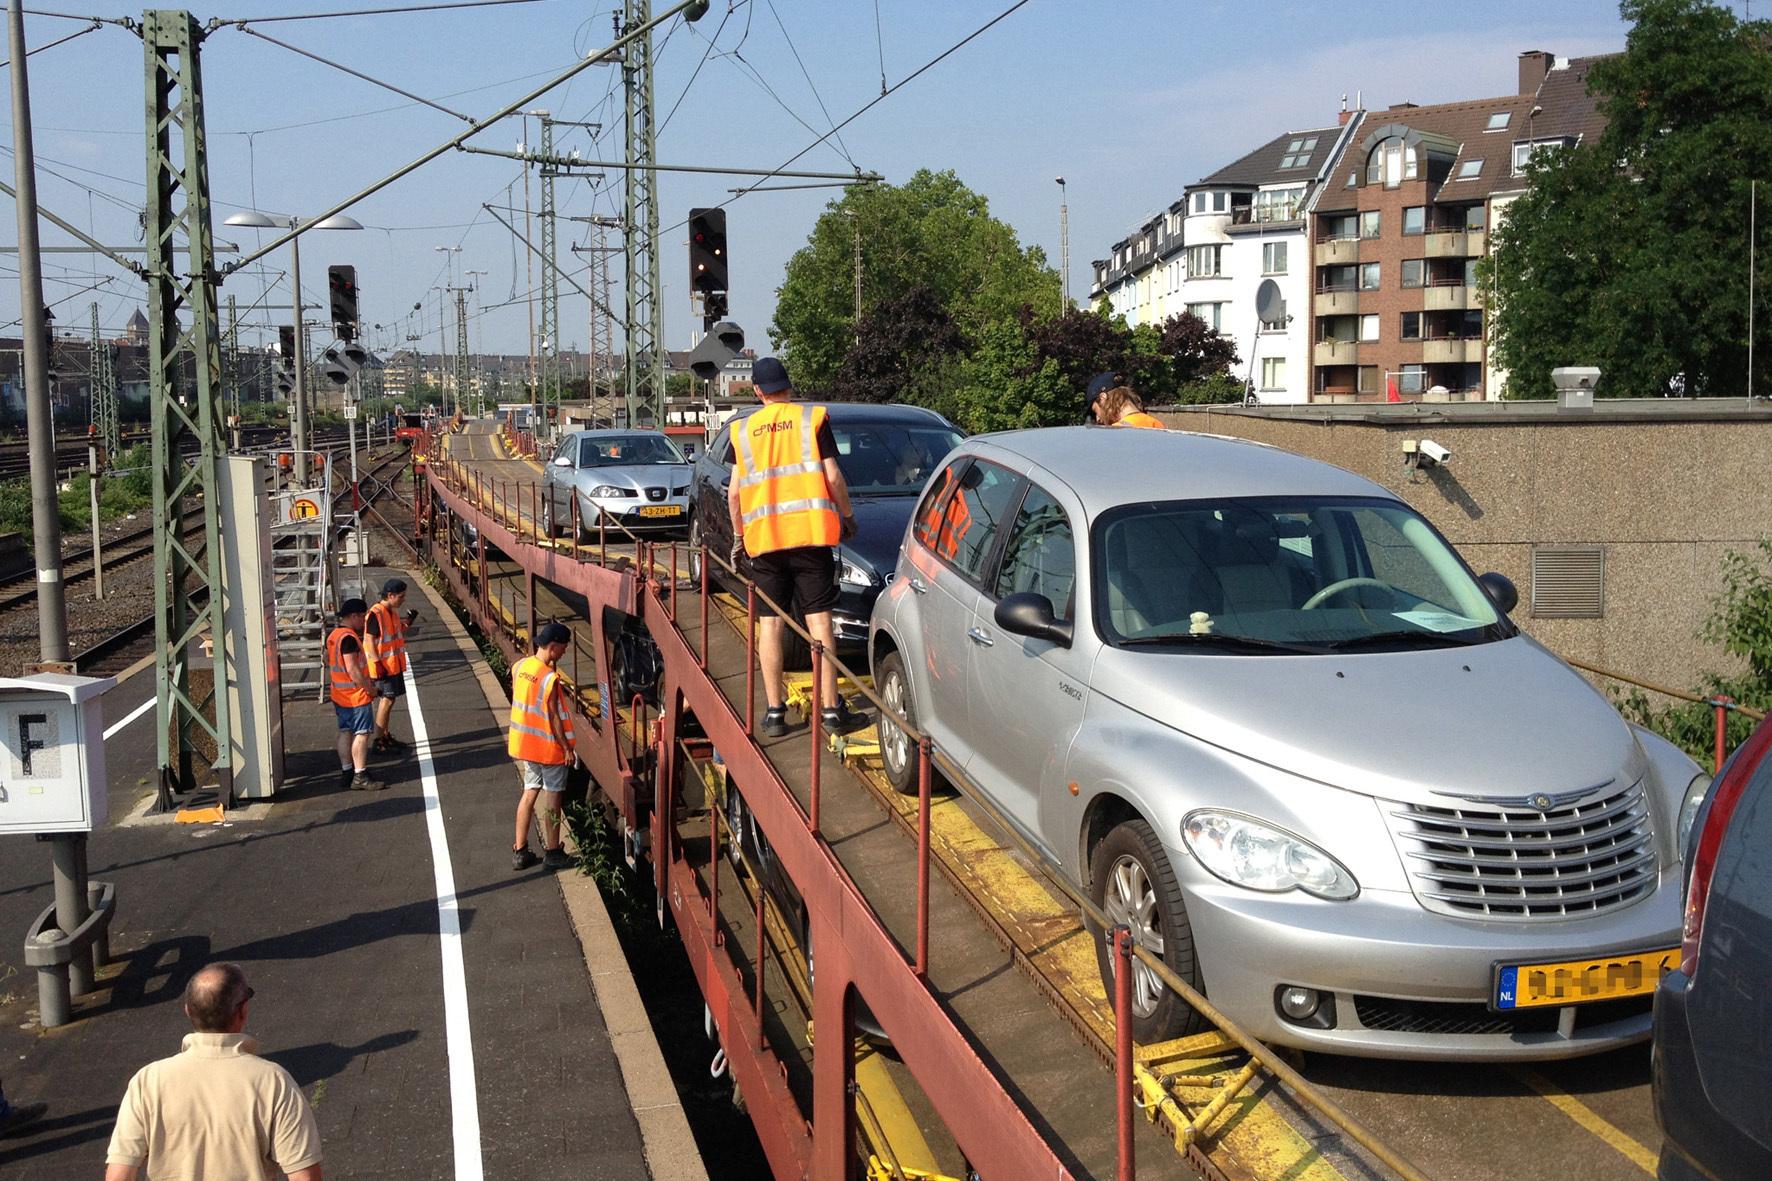 mid Düsseldorf - Entspannte Anreise und trotzdem am Urlaubsort mit dem eigenen Wagen mobil: Der Autozug macht es möglich.